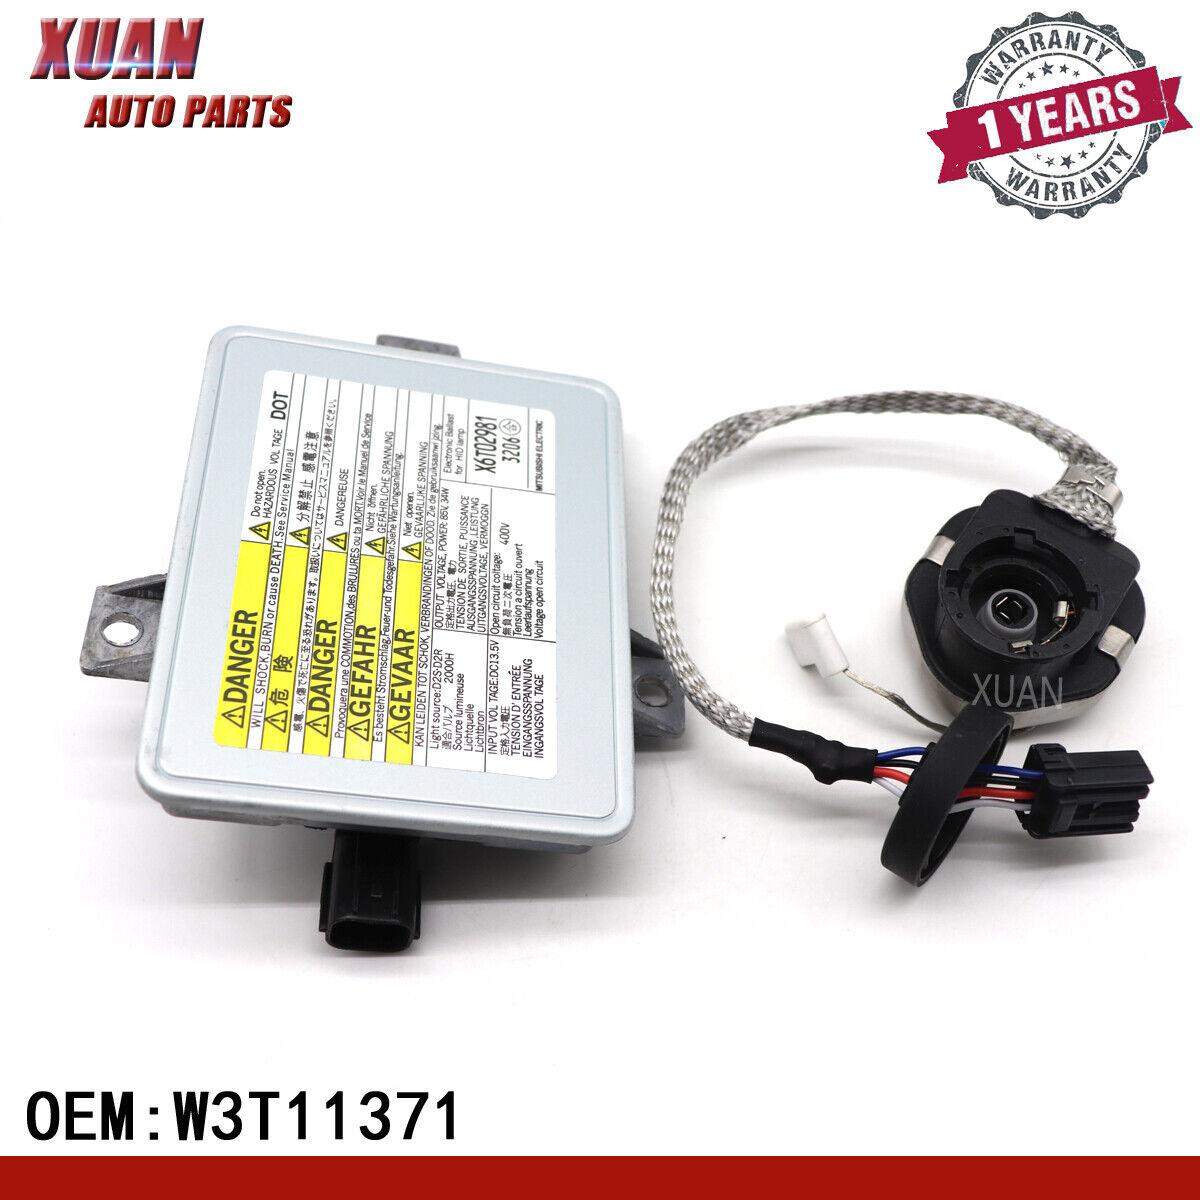 LED Headlight Ballast W3T10471 W3T11371 W3T12472 W3T14371